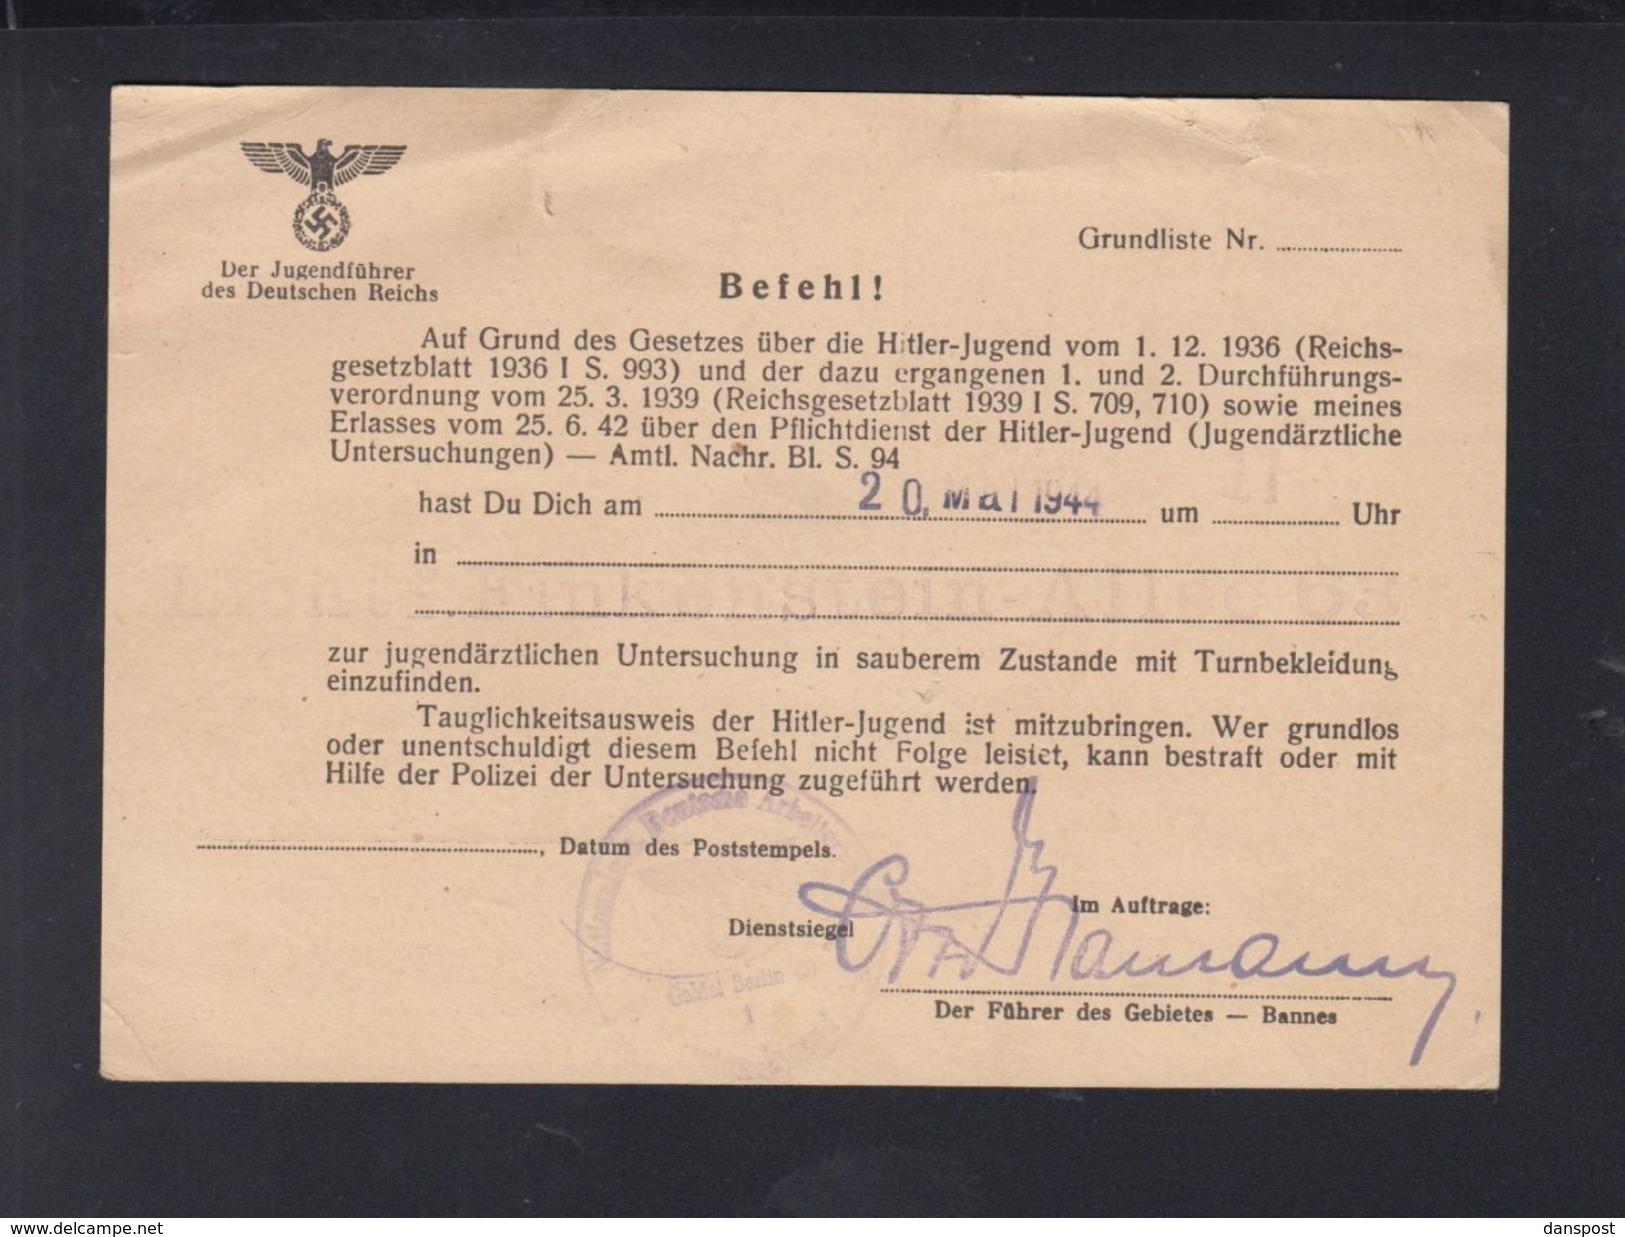 Dt. Reich Hitlerjugend Befehl 1944 - Historische Dokumente